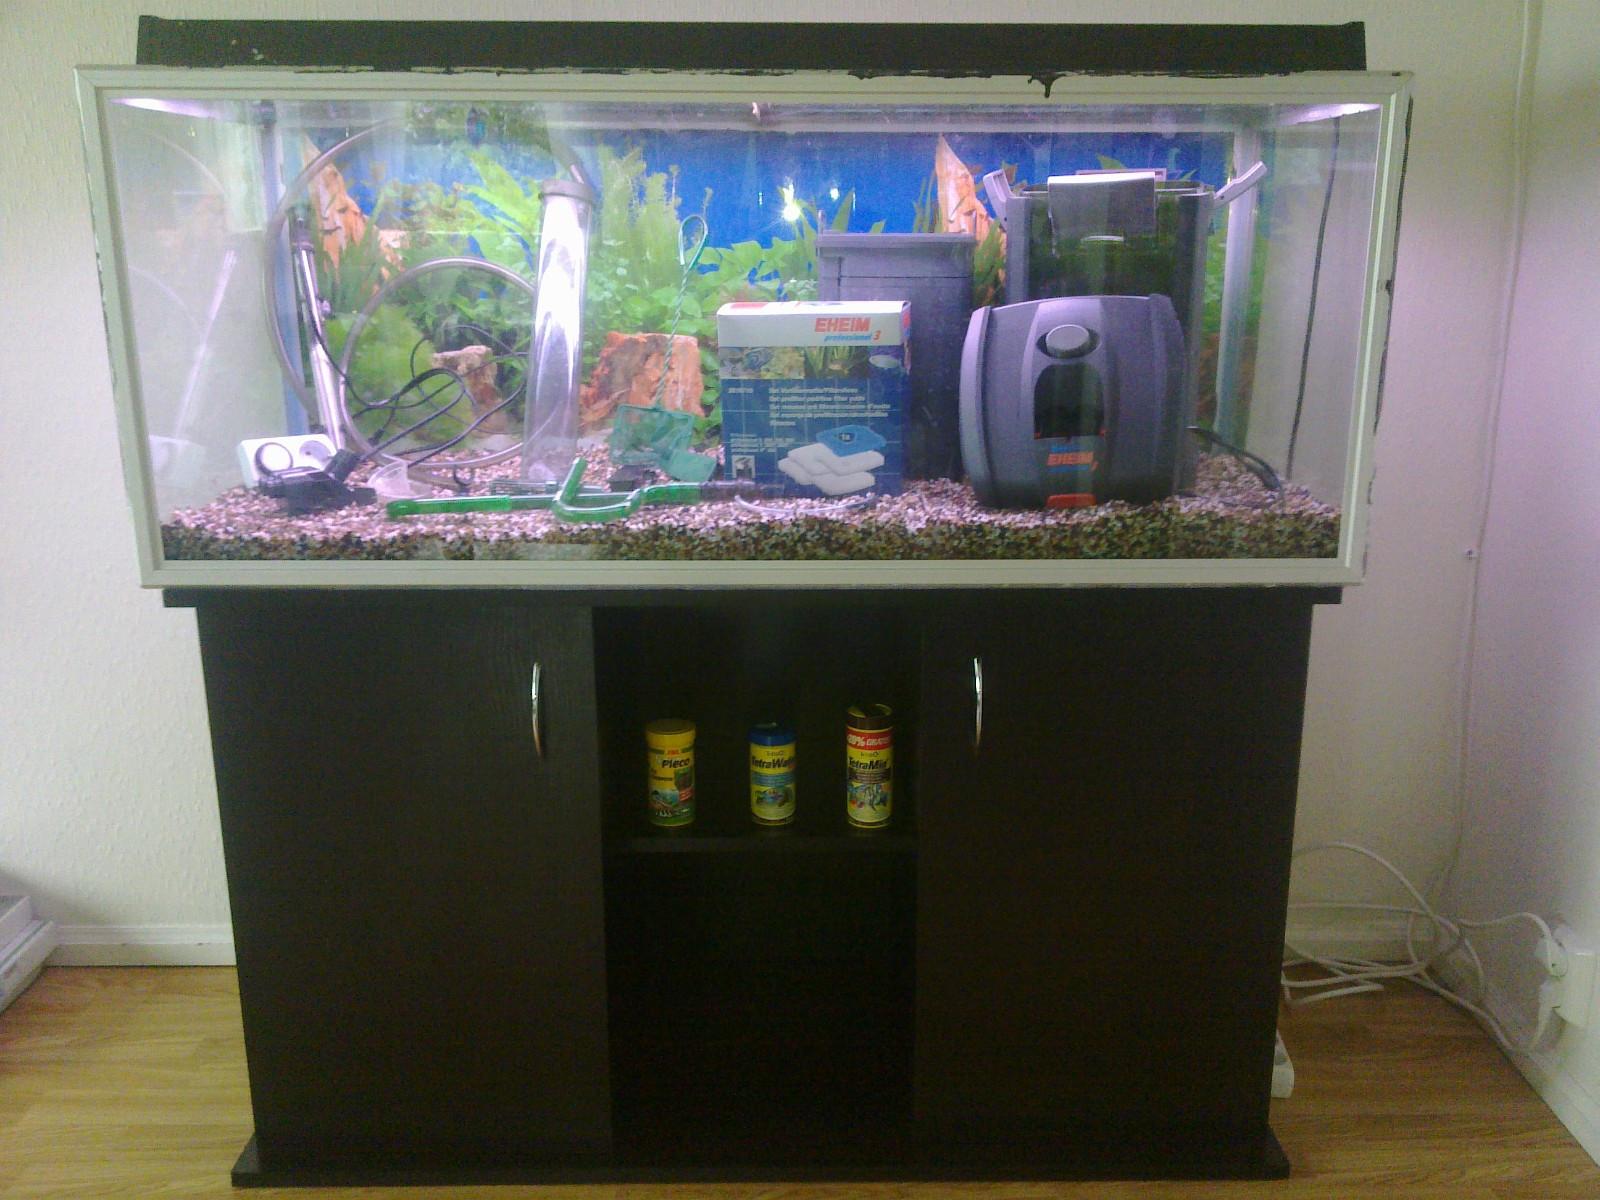 312 Liter store Akvarie med alt du trenger - Garnes  - Akvarie er 1,25*0,5*0,5= 312,5 liter Utstyr : EHEIM professionel 3 utvendig filter, filterduk (filterinnsats), varmestab, mat ring,grus, dekorations root, thermostat, hov,slamsuger og underskap glasse har noen riper - Garnes